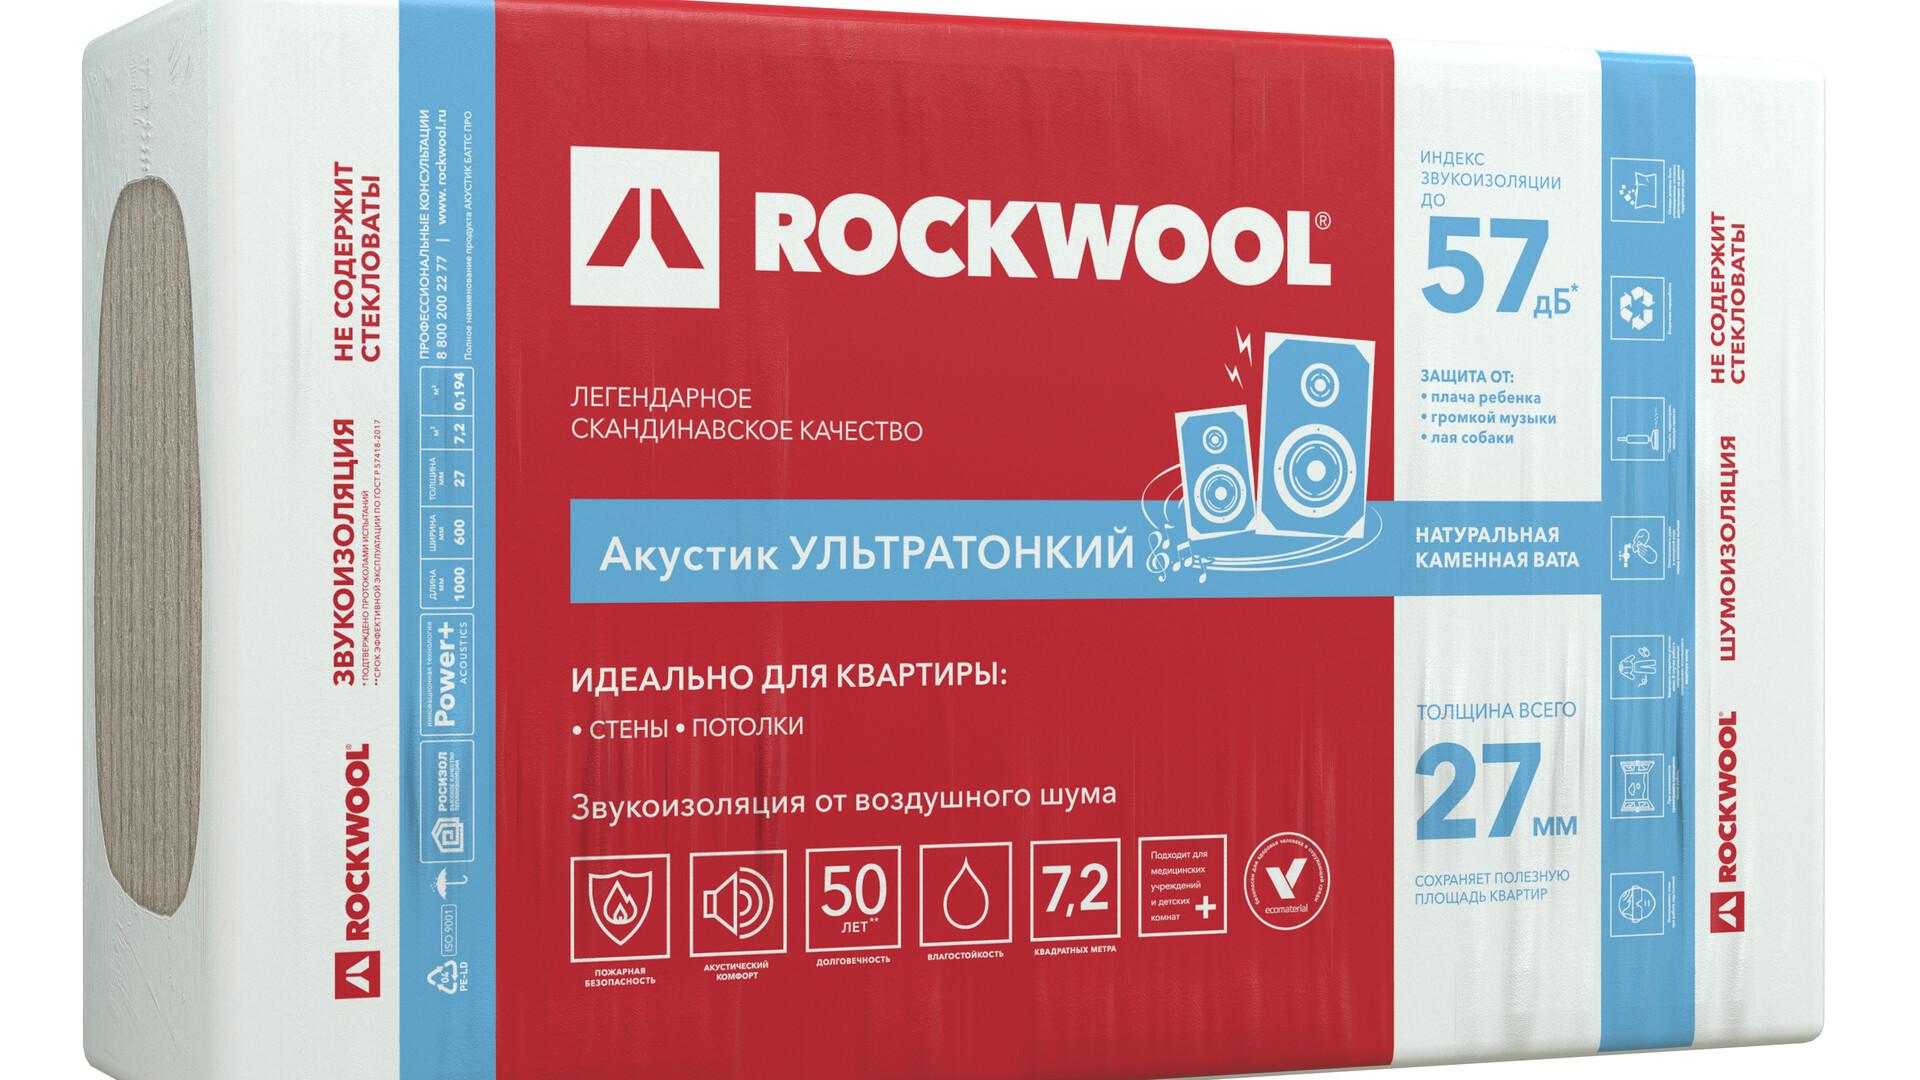 20200211 RW-RUS PROD PHO 00040